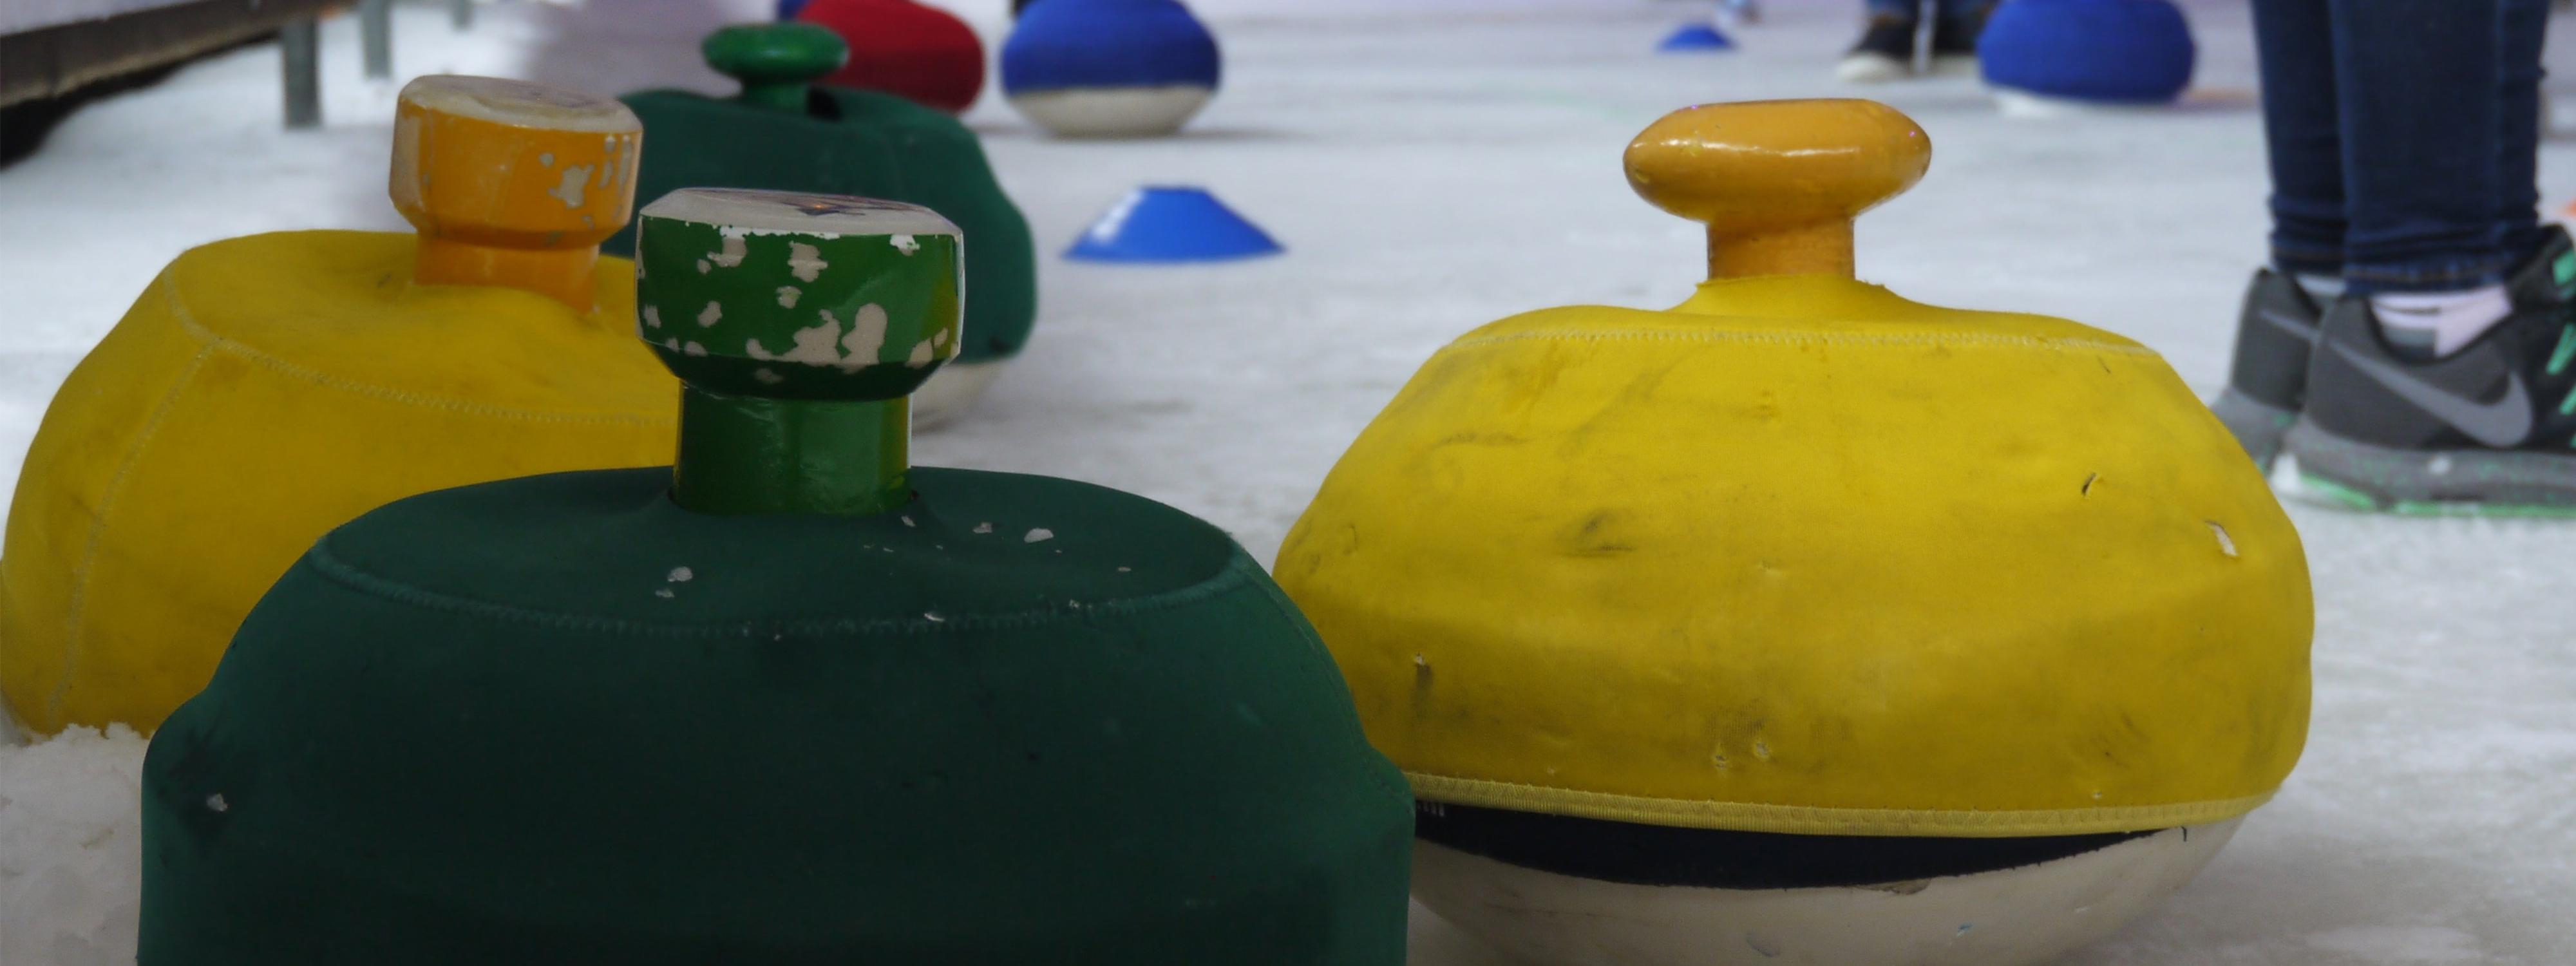 Fun curling tilburg/breda 2